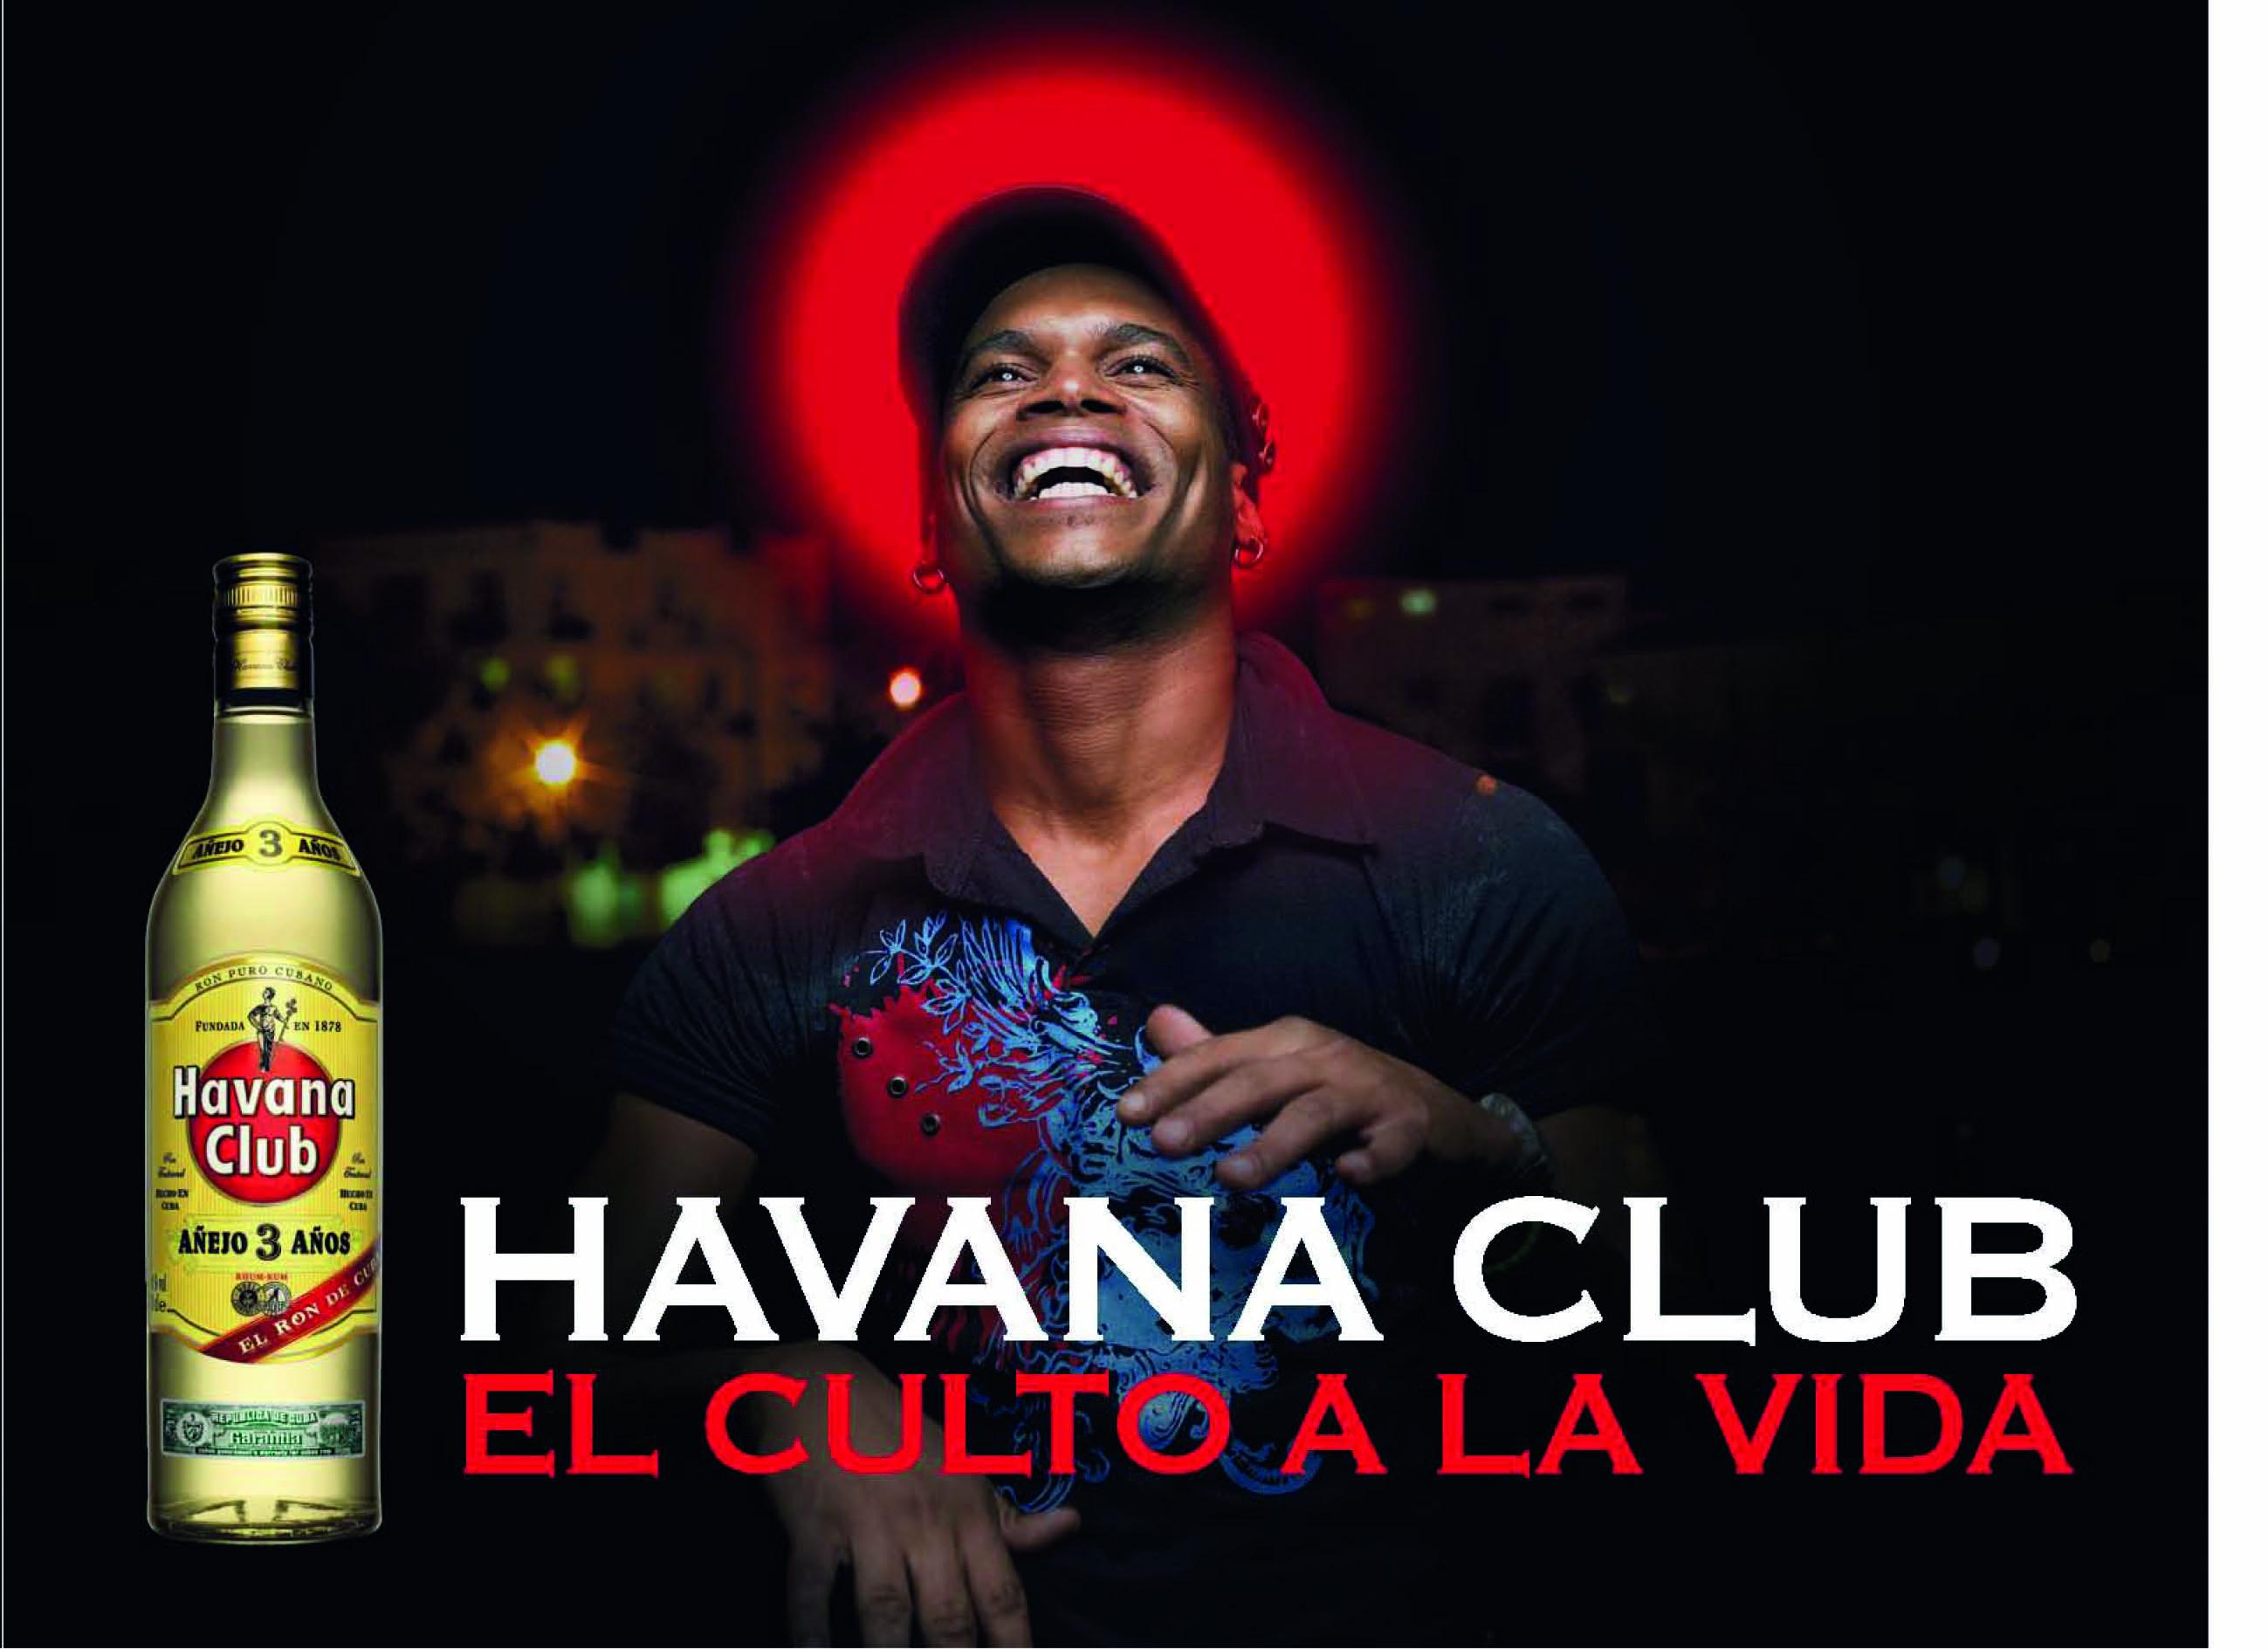 Havana Club El Culto A La Vida